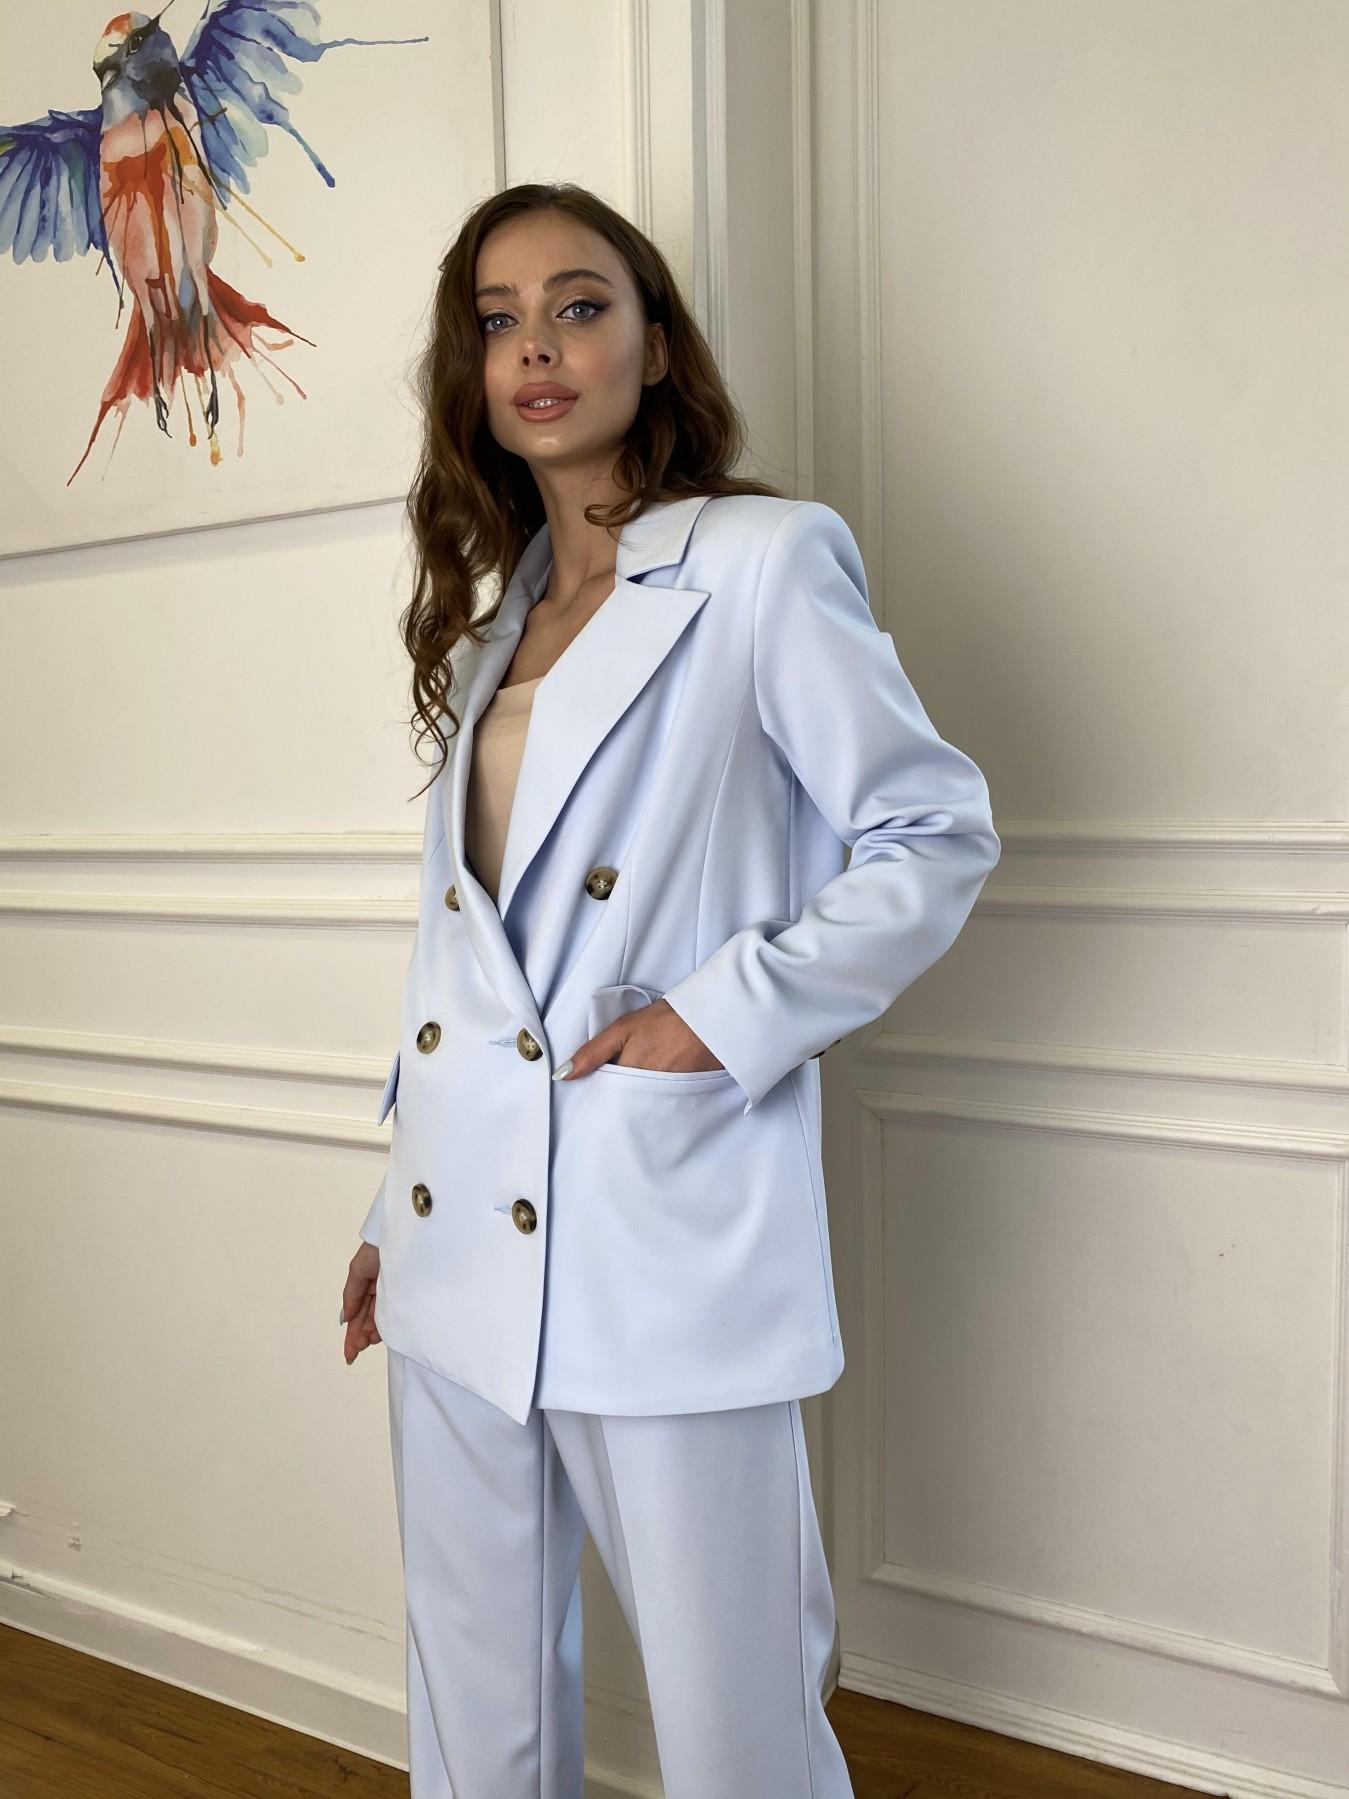 Купить жакет женский в интернет магазине Modus Белисимо жакет из костюмной ткани  стрейч 11192